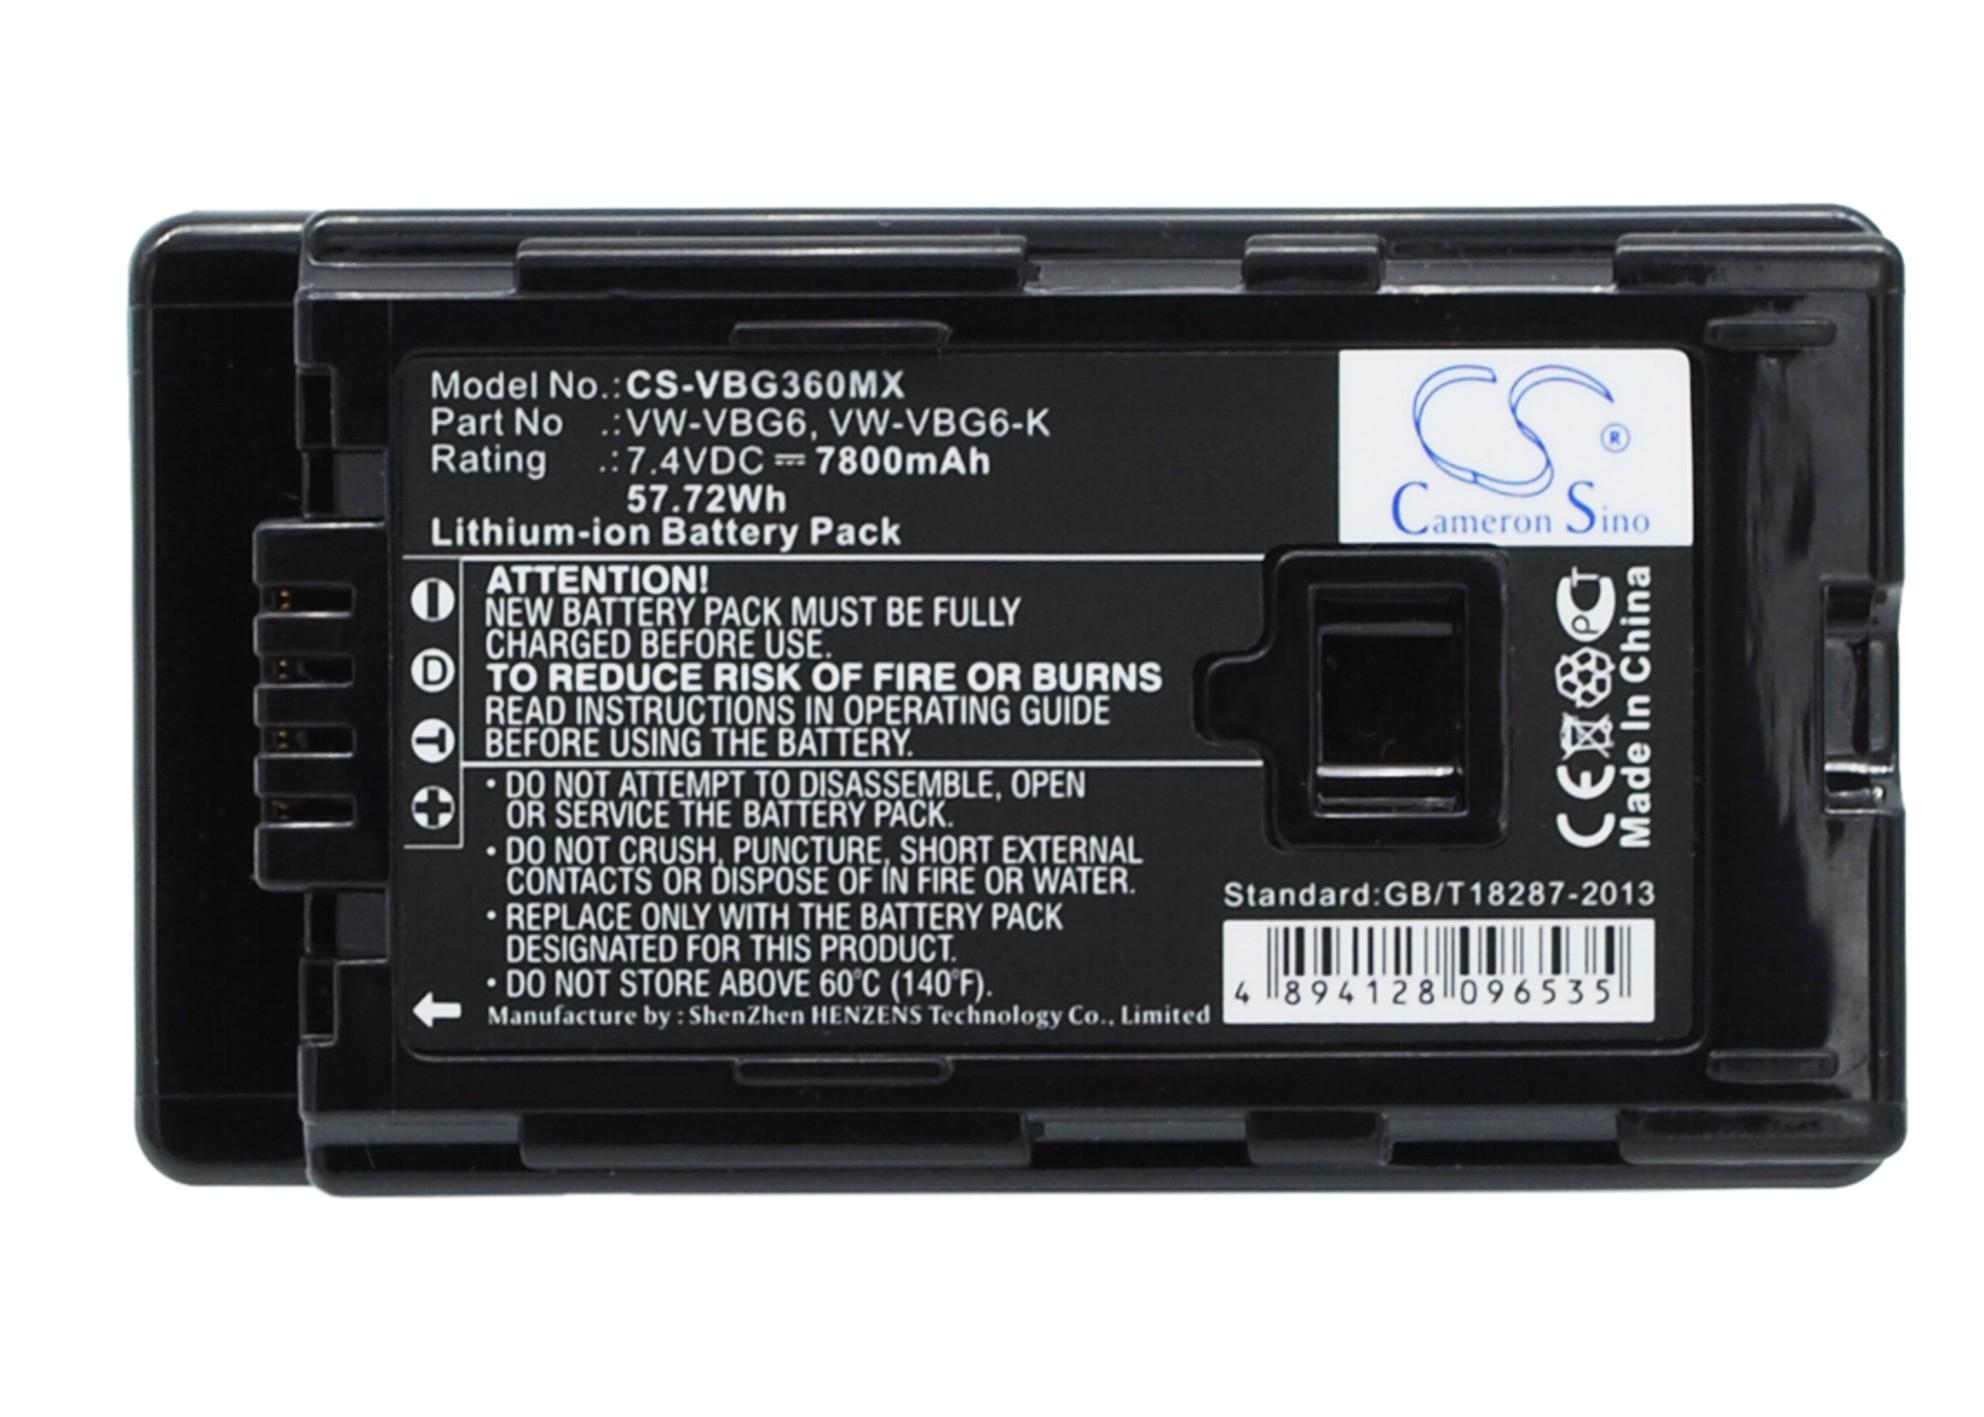 Cameron Sino baterie do kamer a fotoaparátů pro PANASONIC HDC-HS100 7.4V Li-ion 7800mAh černá - neoriginální